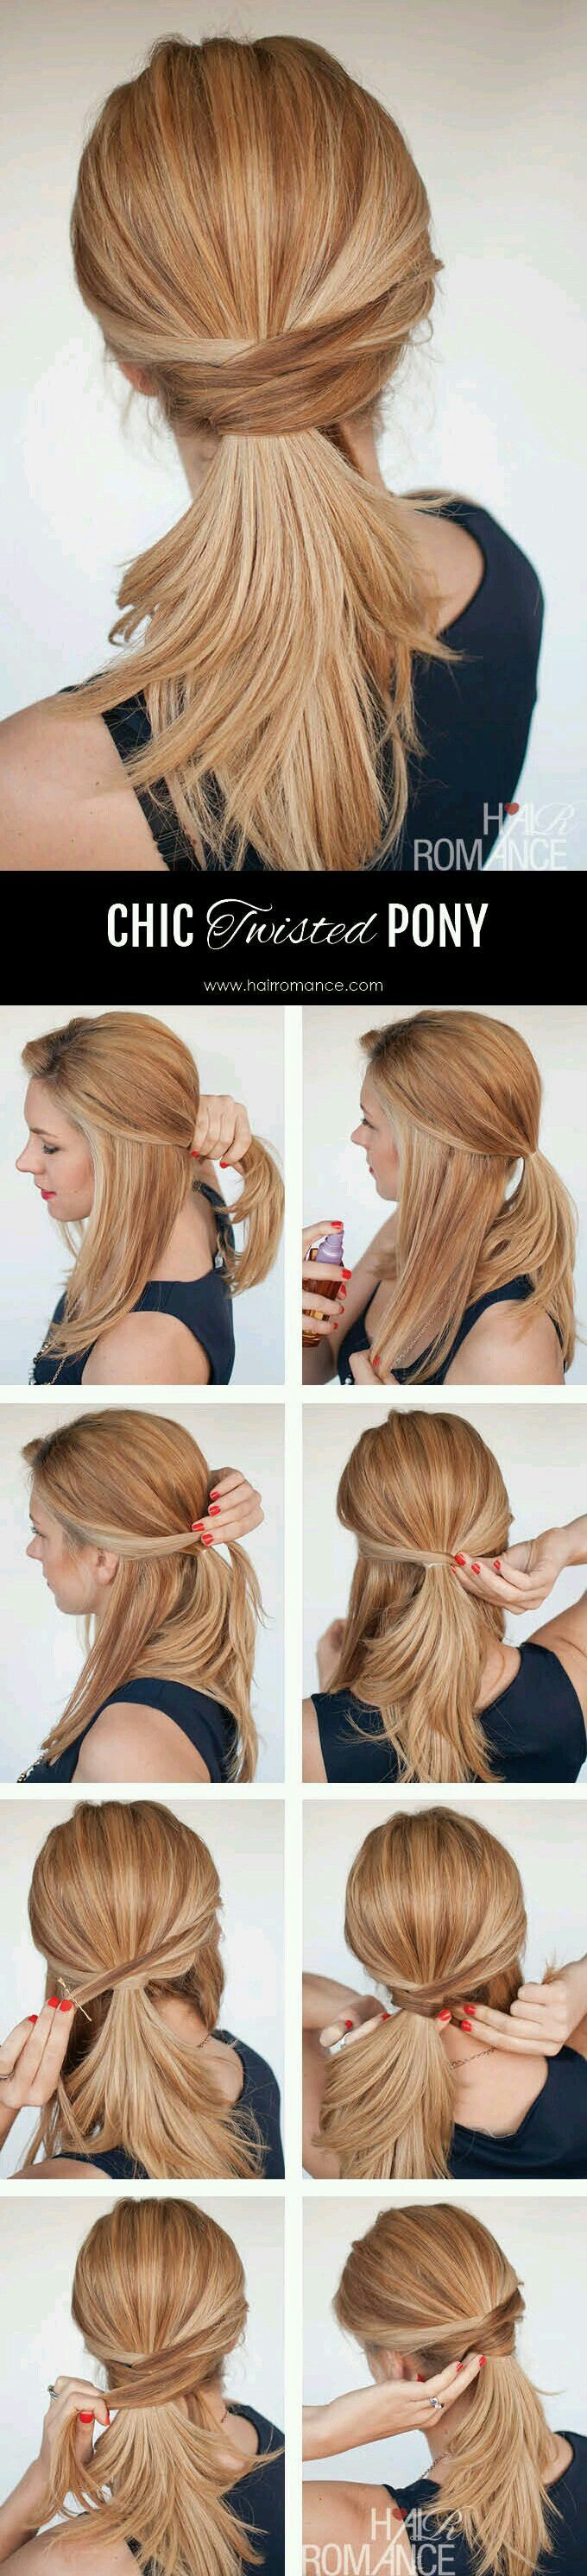 13 best Hair images on Pinterest